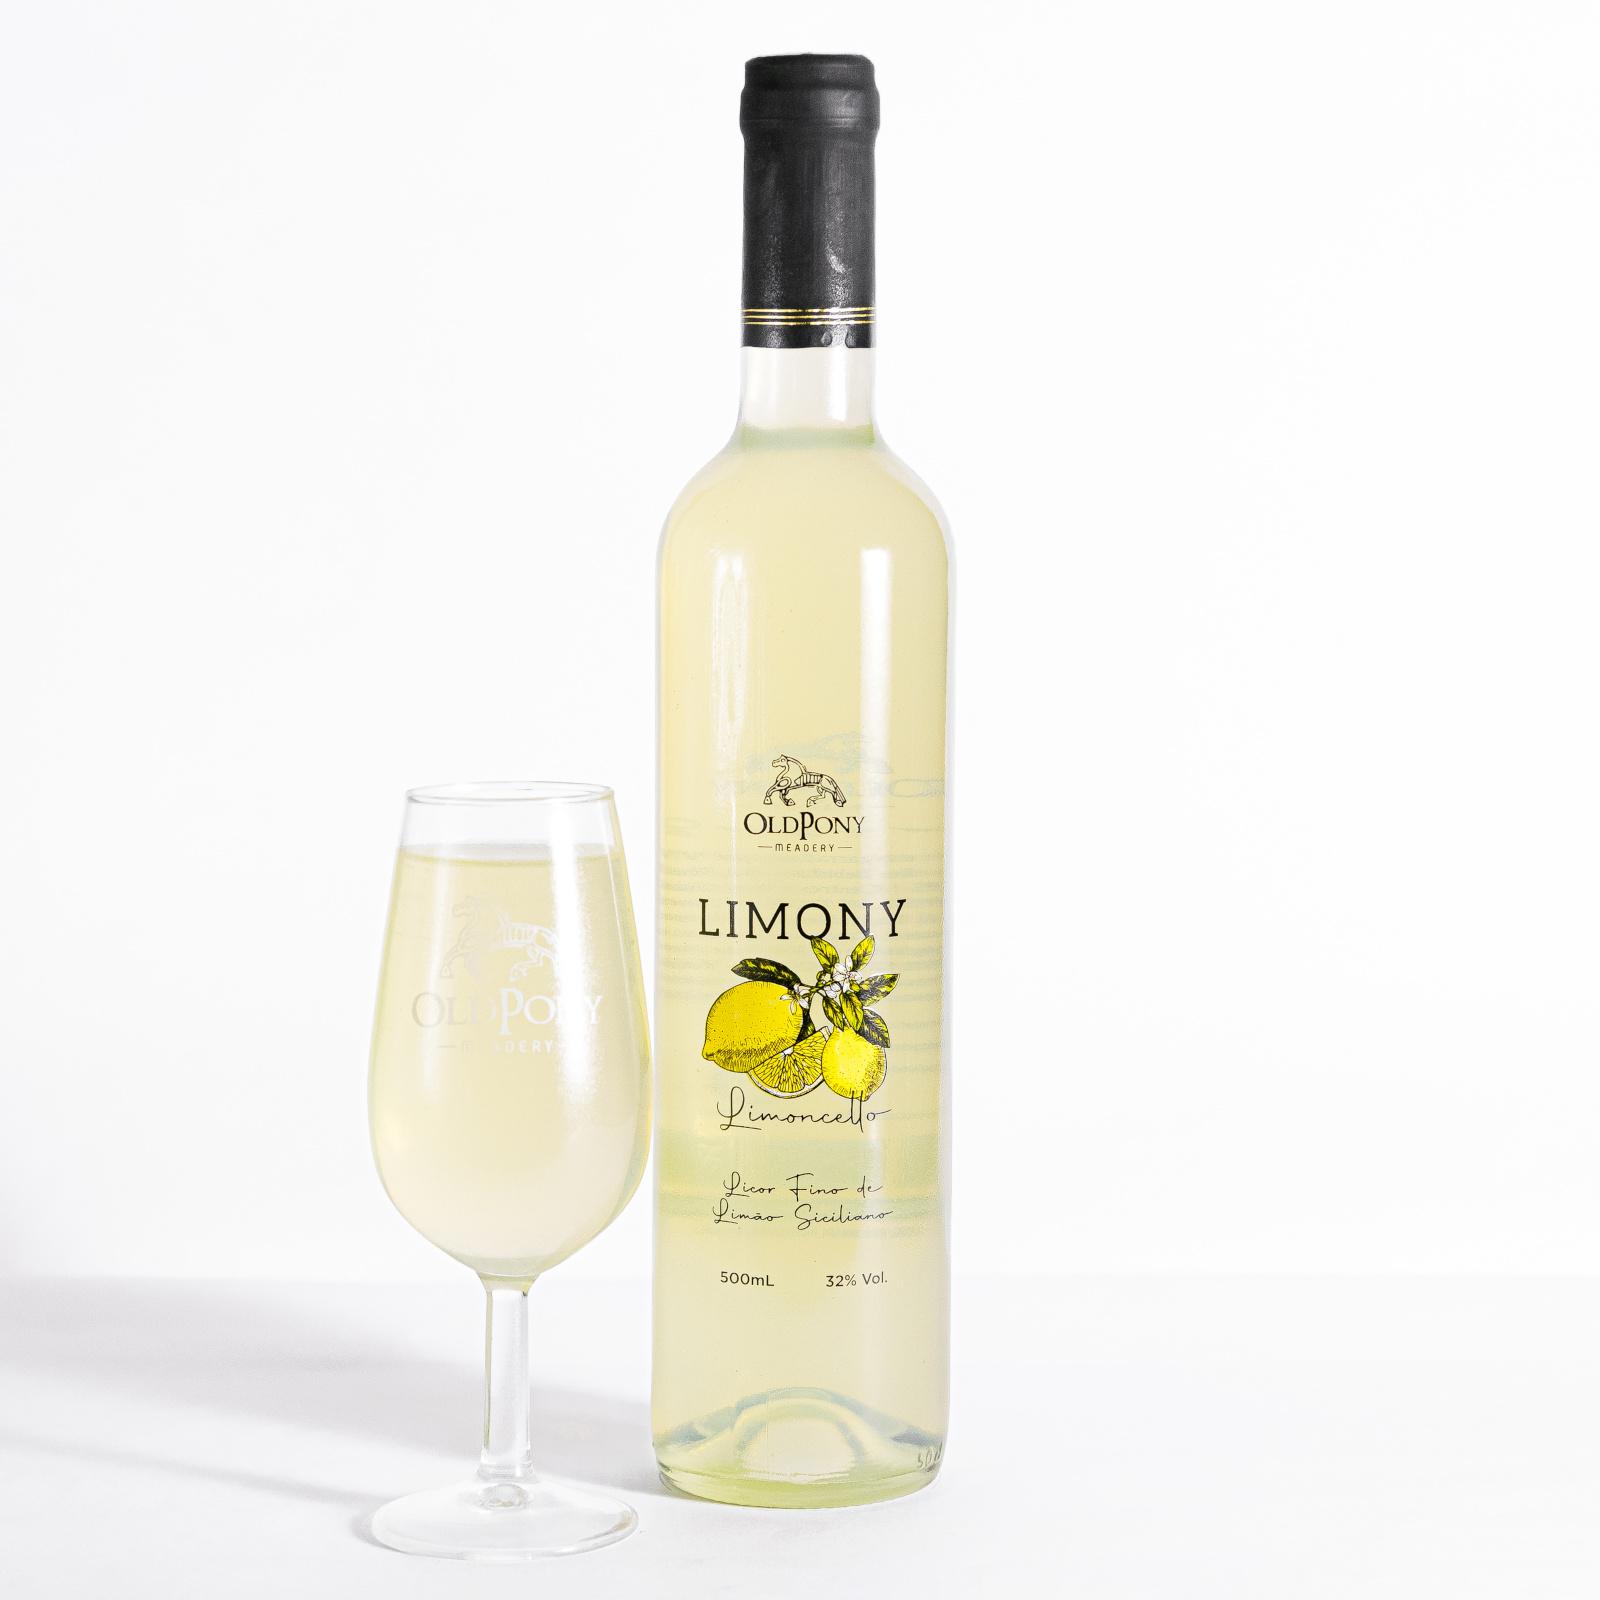 Limony - Limoncello